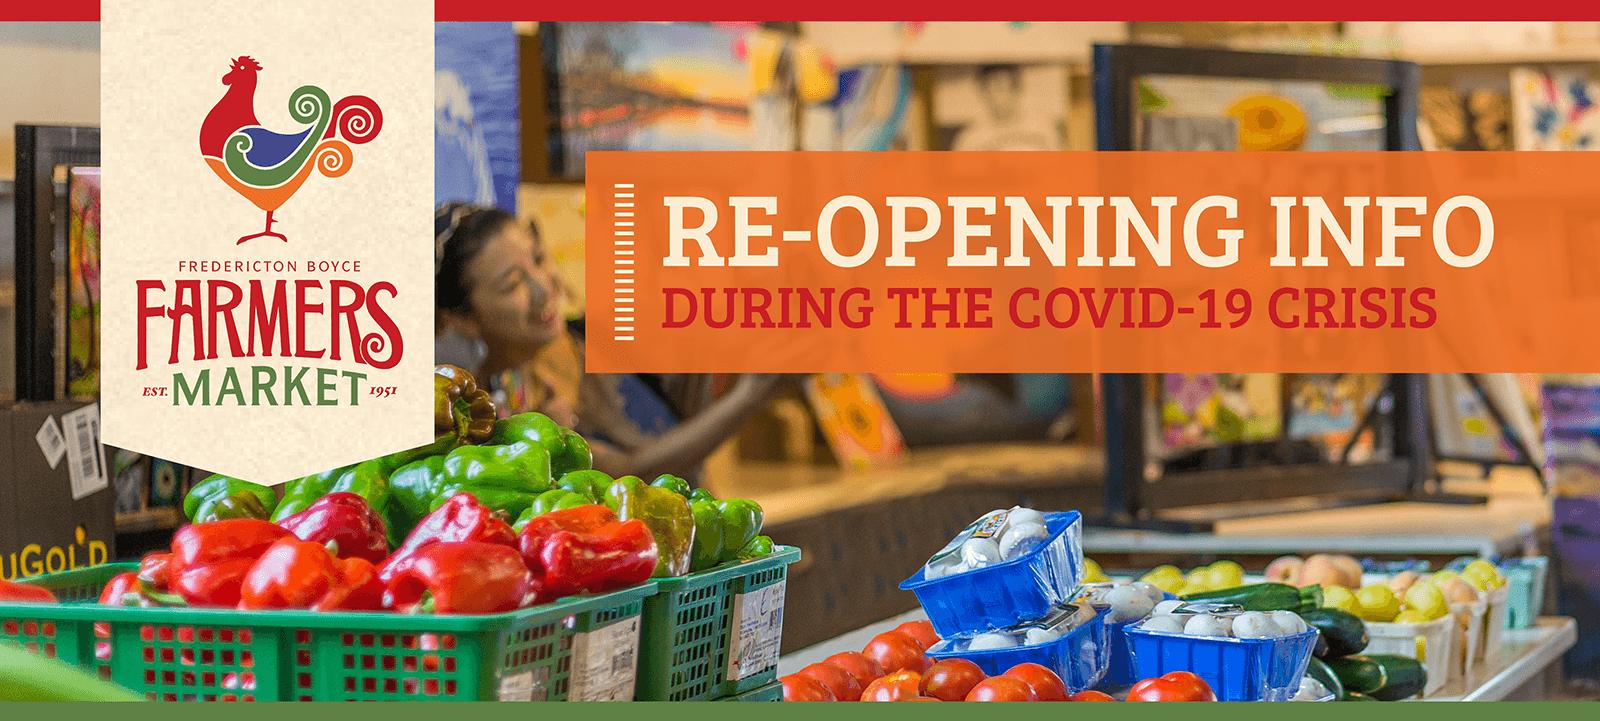 Farmers Market - Re-Opening Info